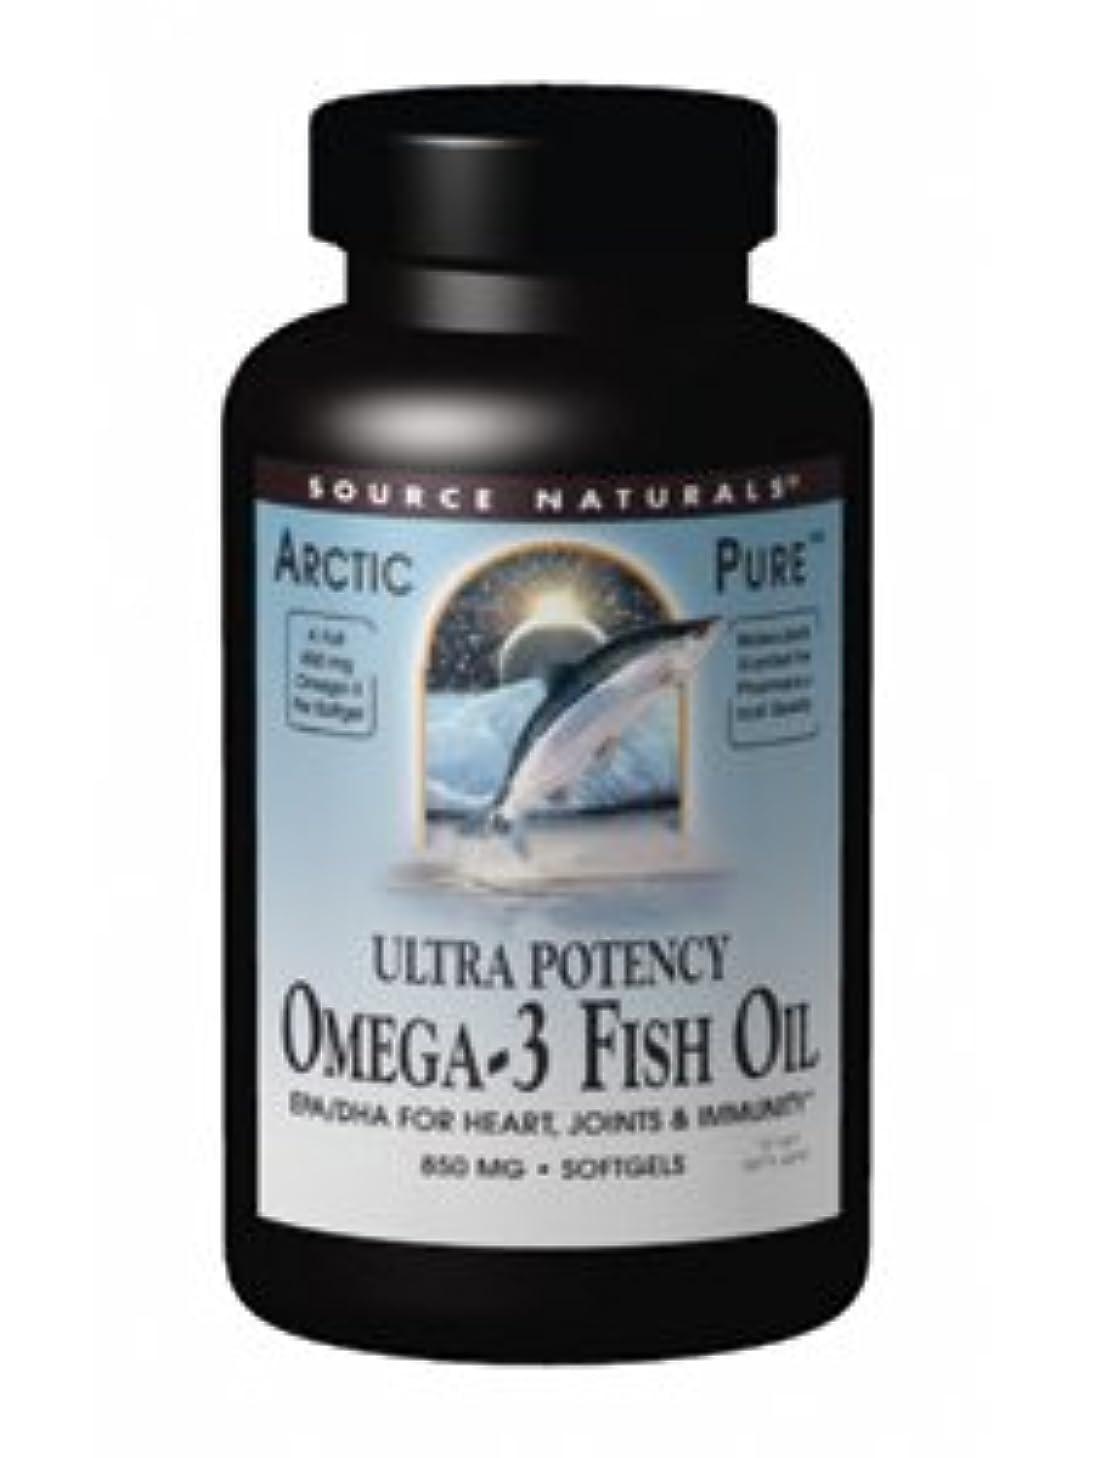 アラスカ豊かな分類アークティックピュア ウルトラポテンシー オメガ3 フィッシュオイル 60粒[海外直送品]